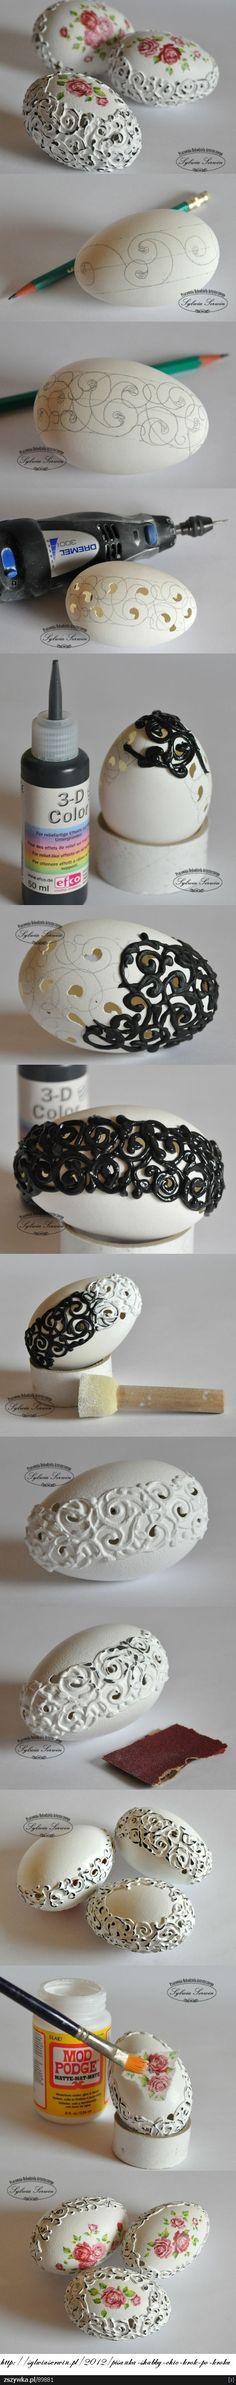 Egg shell art